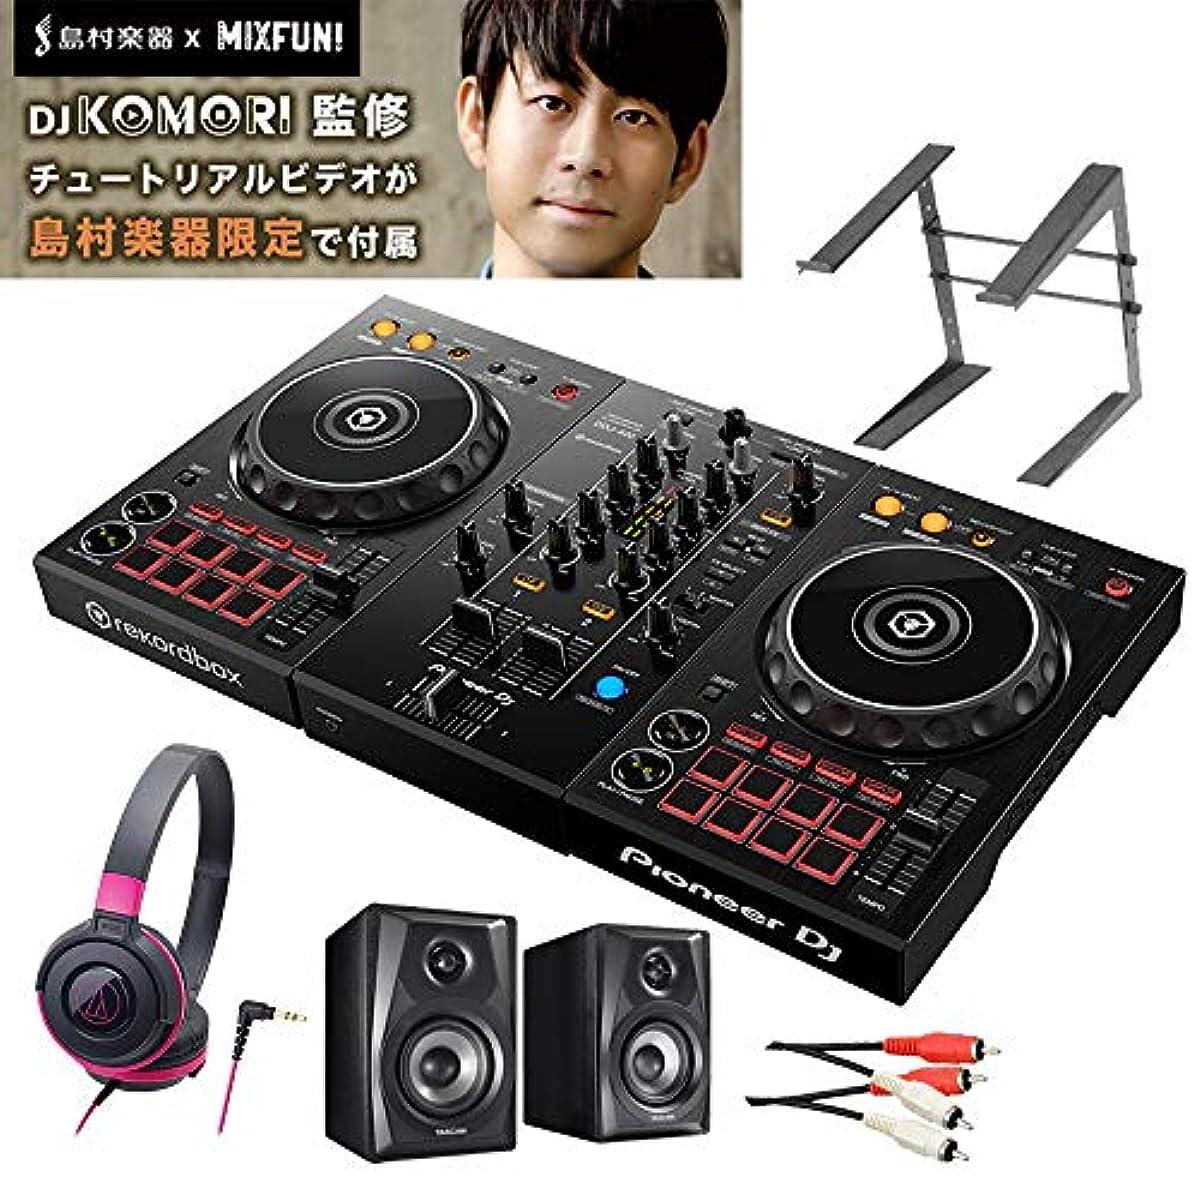 [해외] PIONEER DDJ-400 디지탈 DJ초심자 풀 세트 BPK [본체+REKORDBOX DJ+AUDIO-TECHNICA 헤드폰+스피커+PC스탠드] 파이오니아